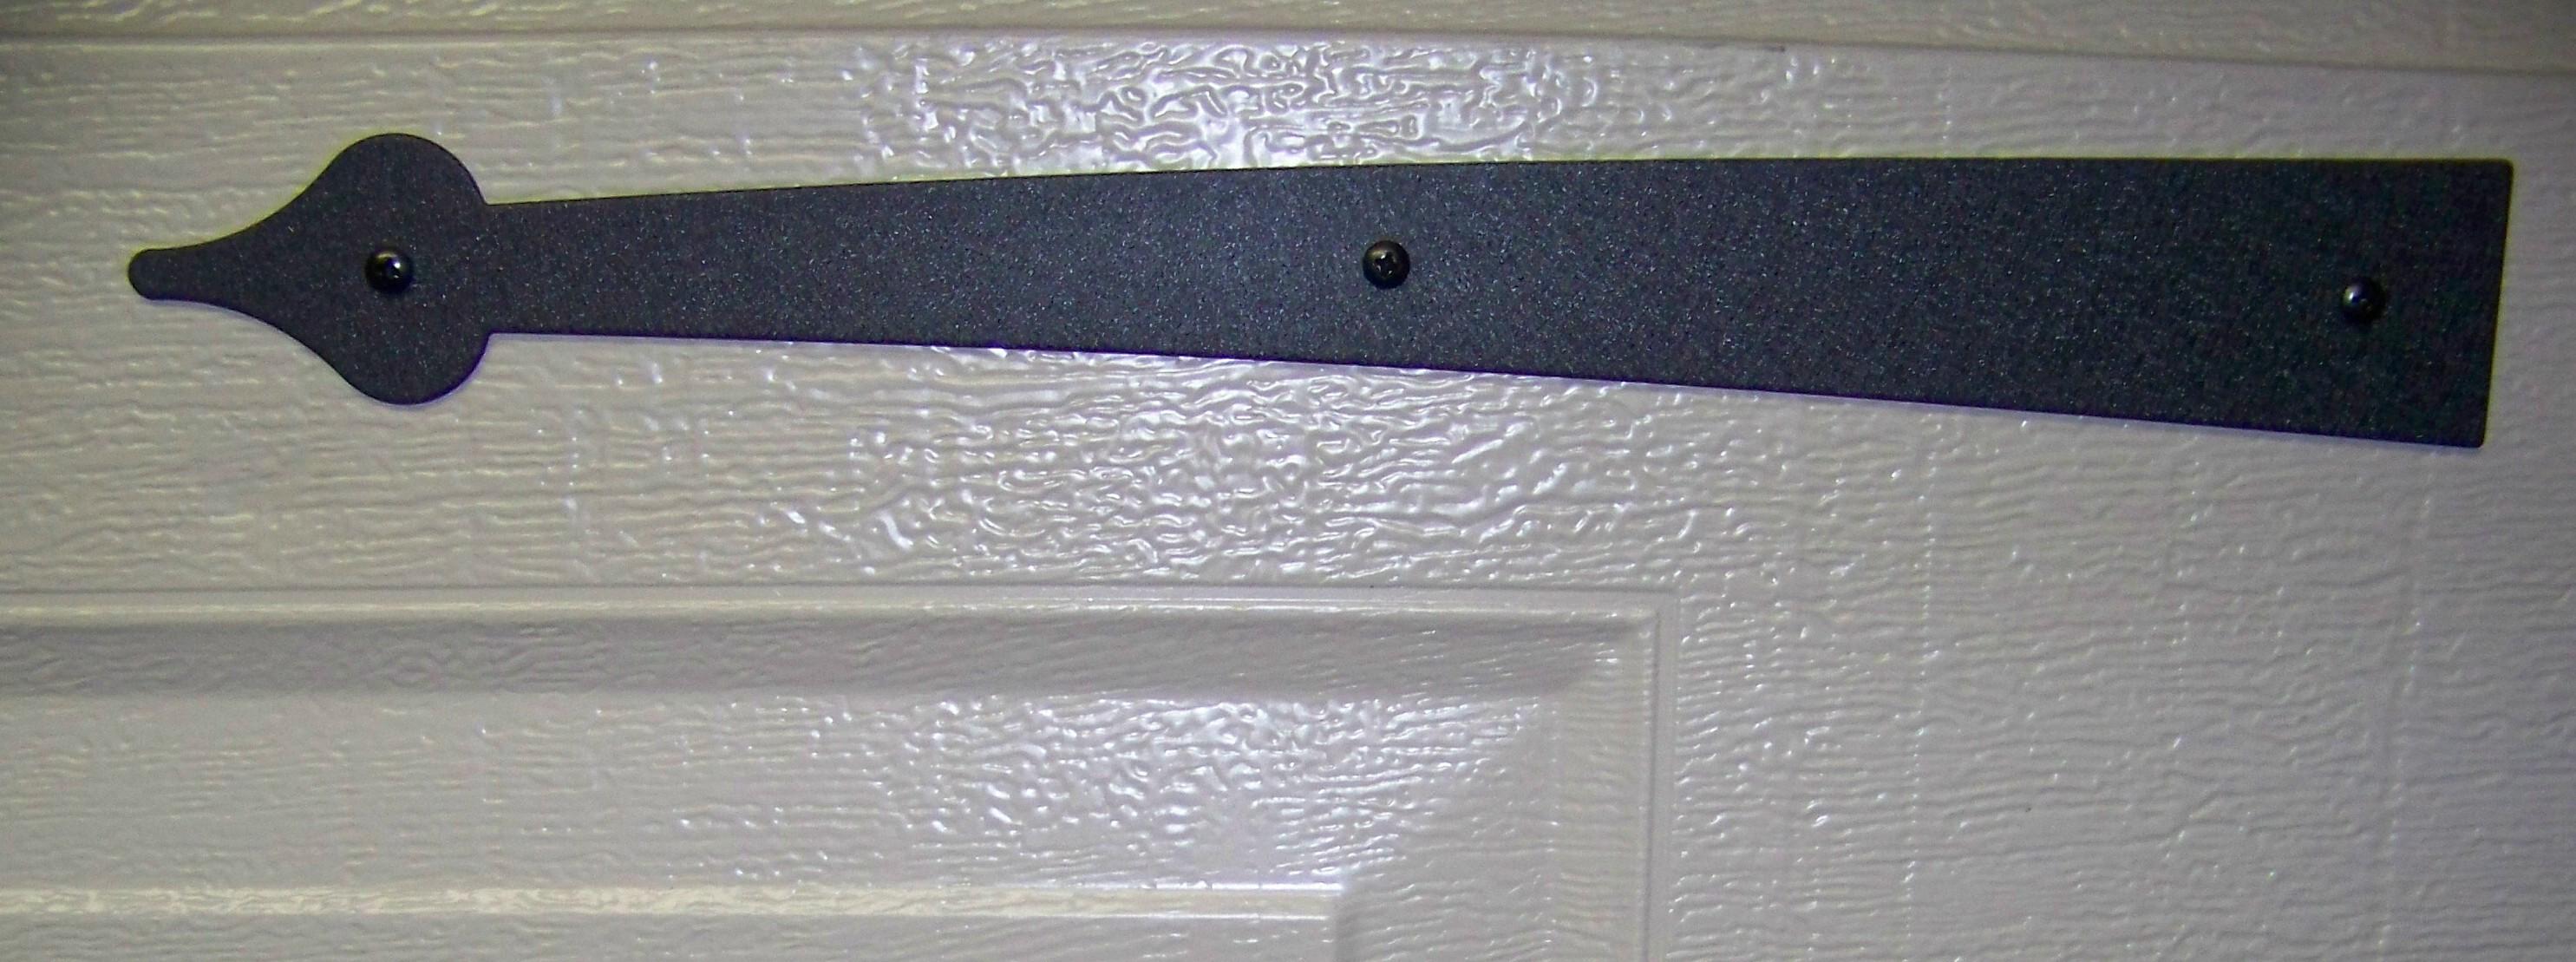 garage door decorative hardware - Decorative Garage Door Hardware